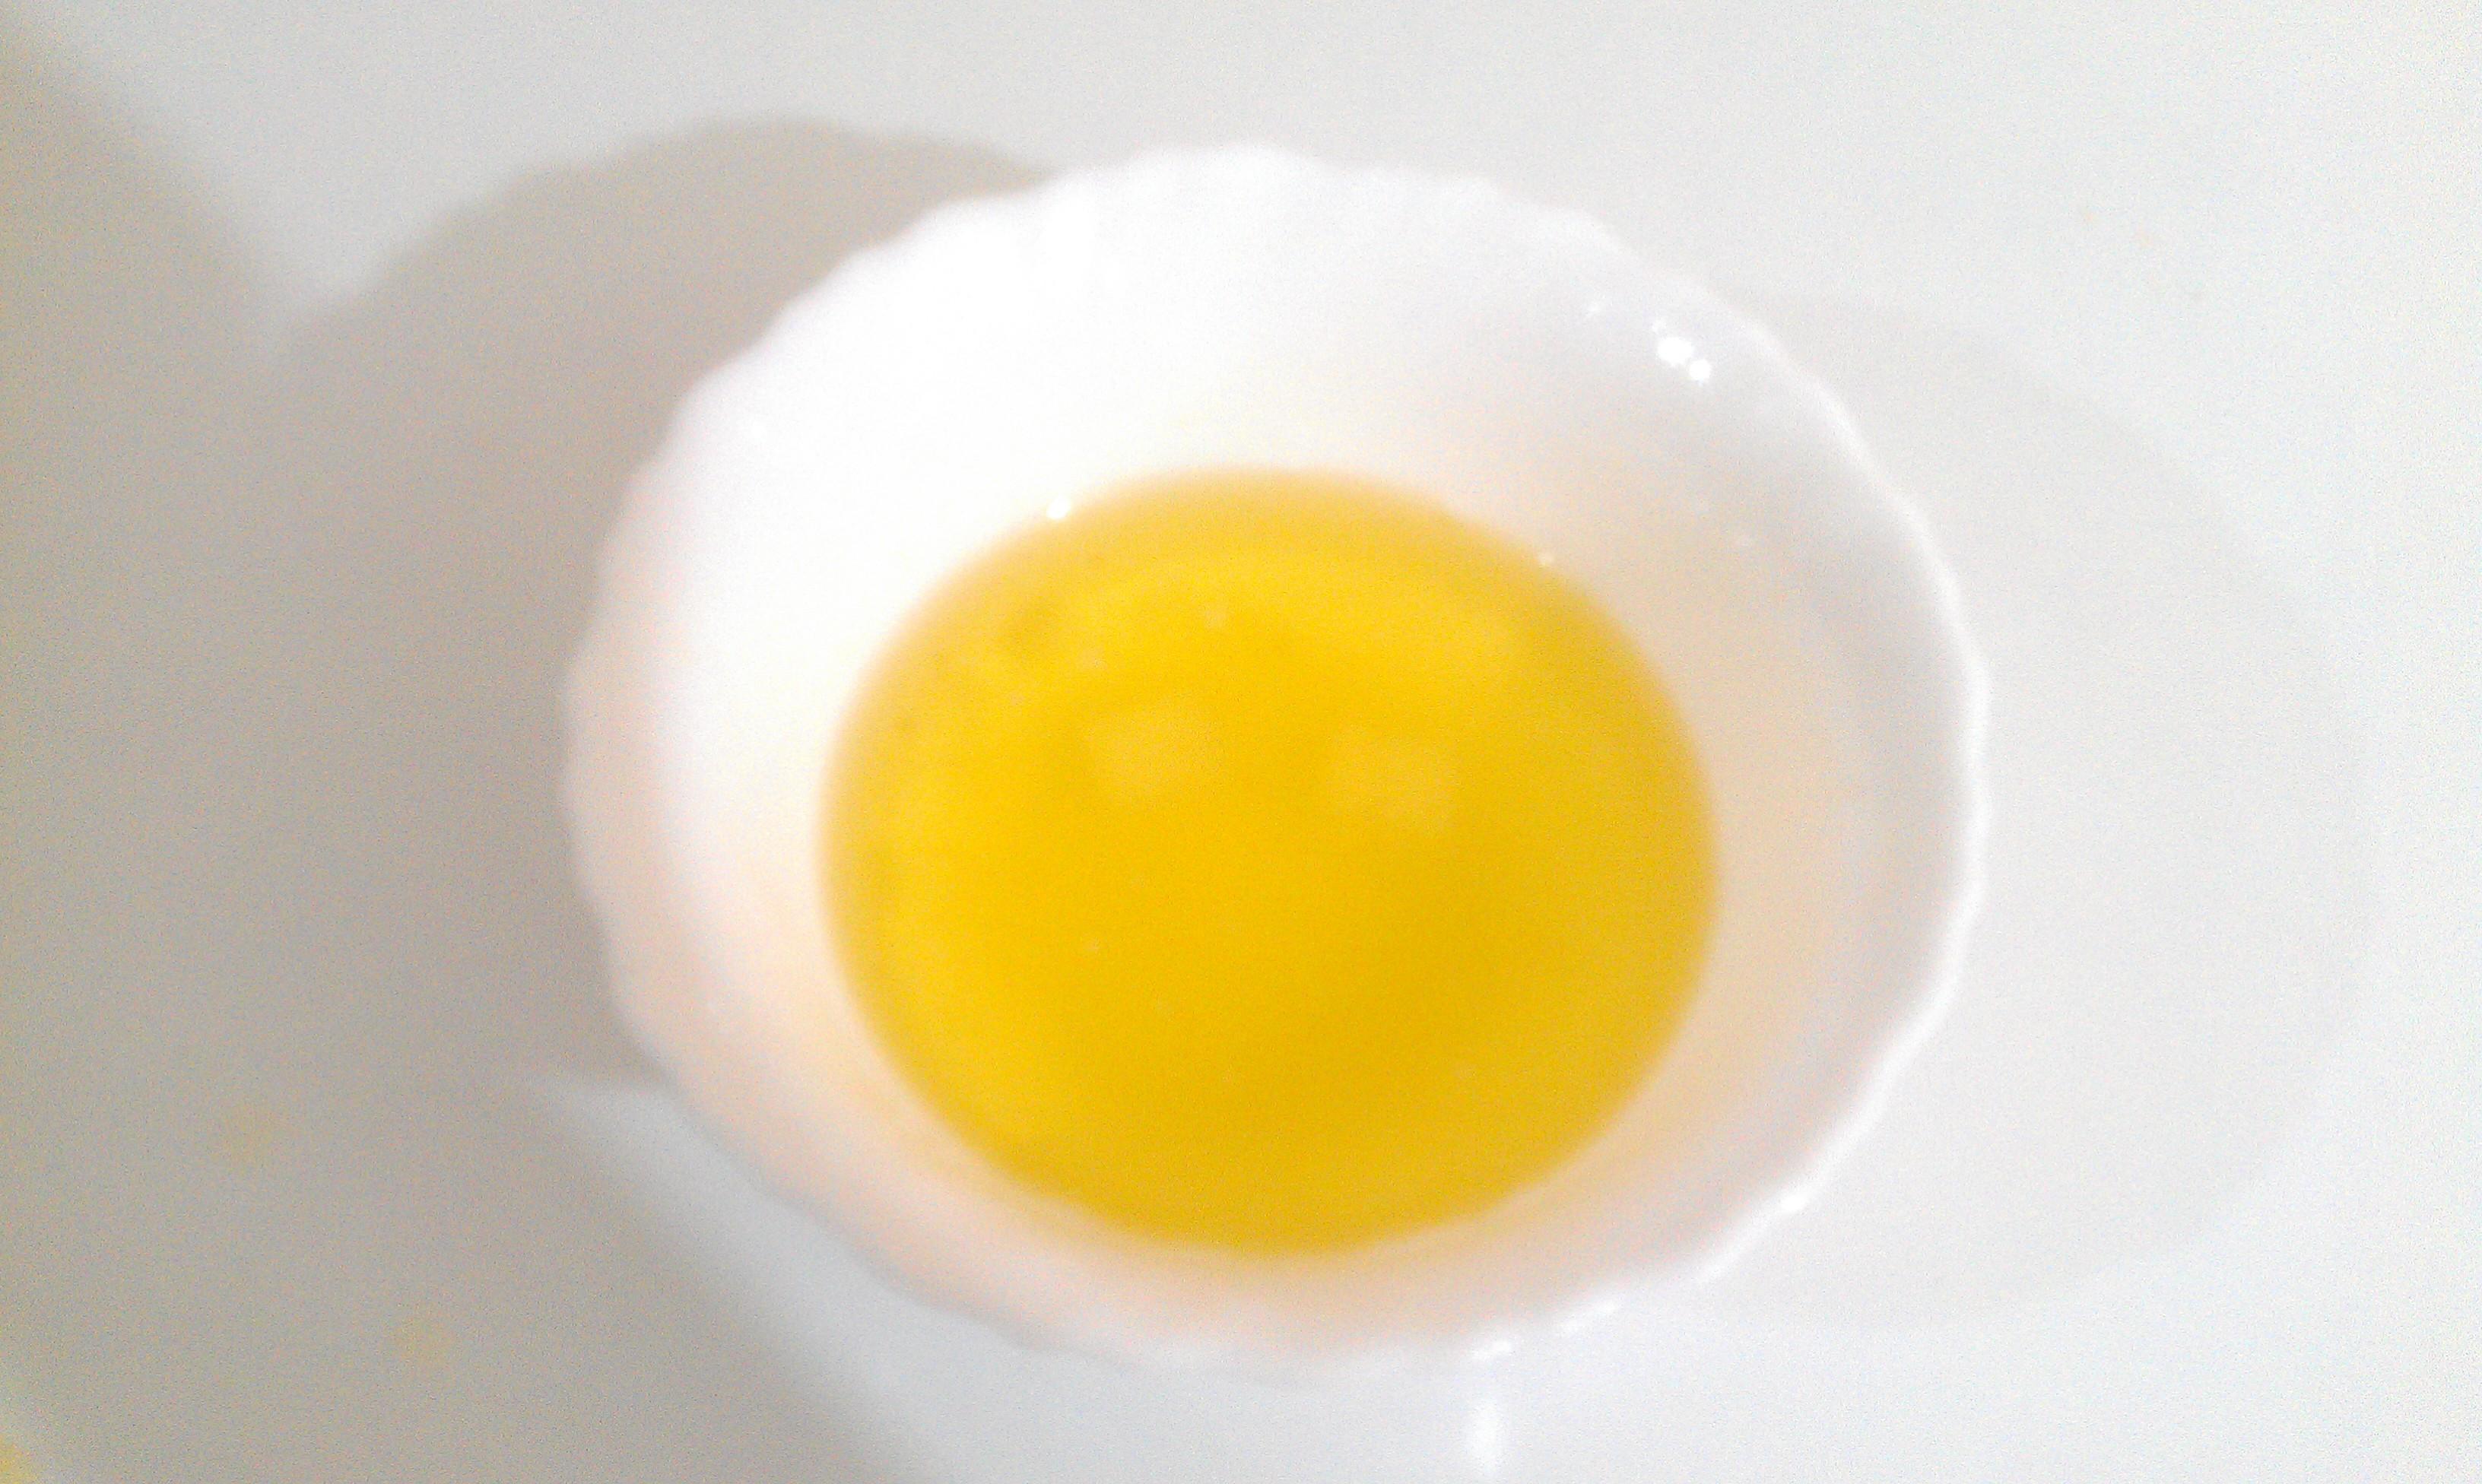 diyet enginar yemek tarifi diyet enginar DİYET ENGİNAR YEMEĞİ IMAG1977